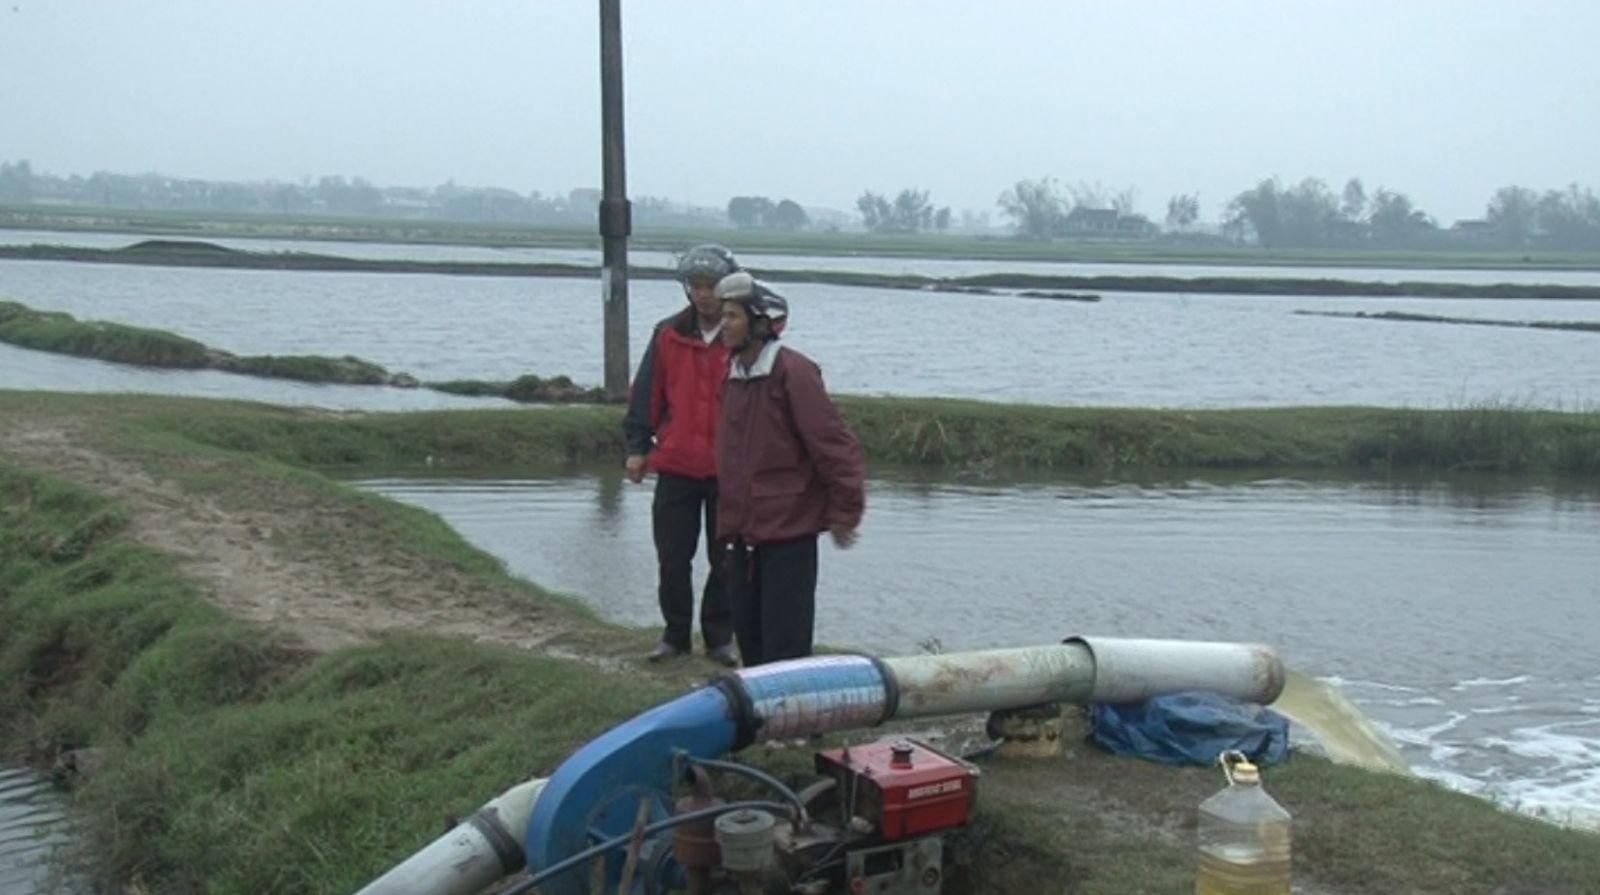 Triều cường khiến bờ biển sạt lở và 32 ha lúa gieo sạ bị ngập